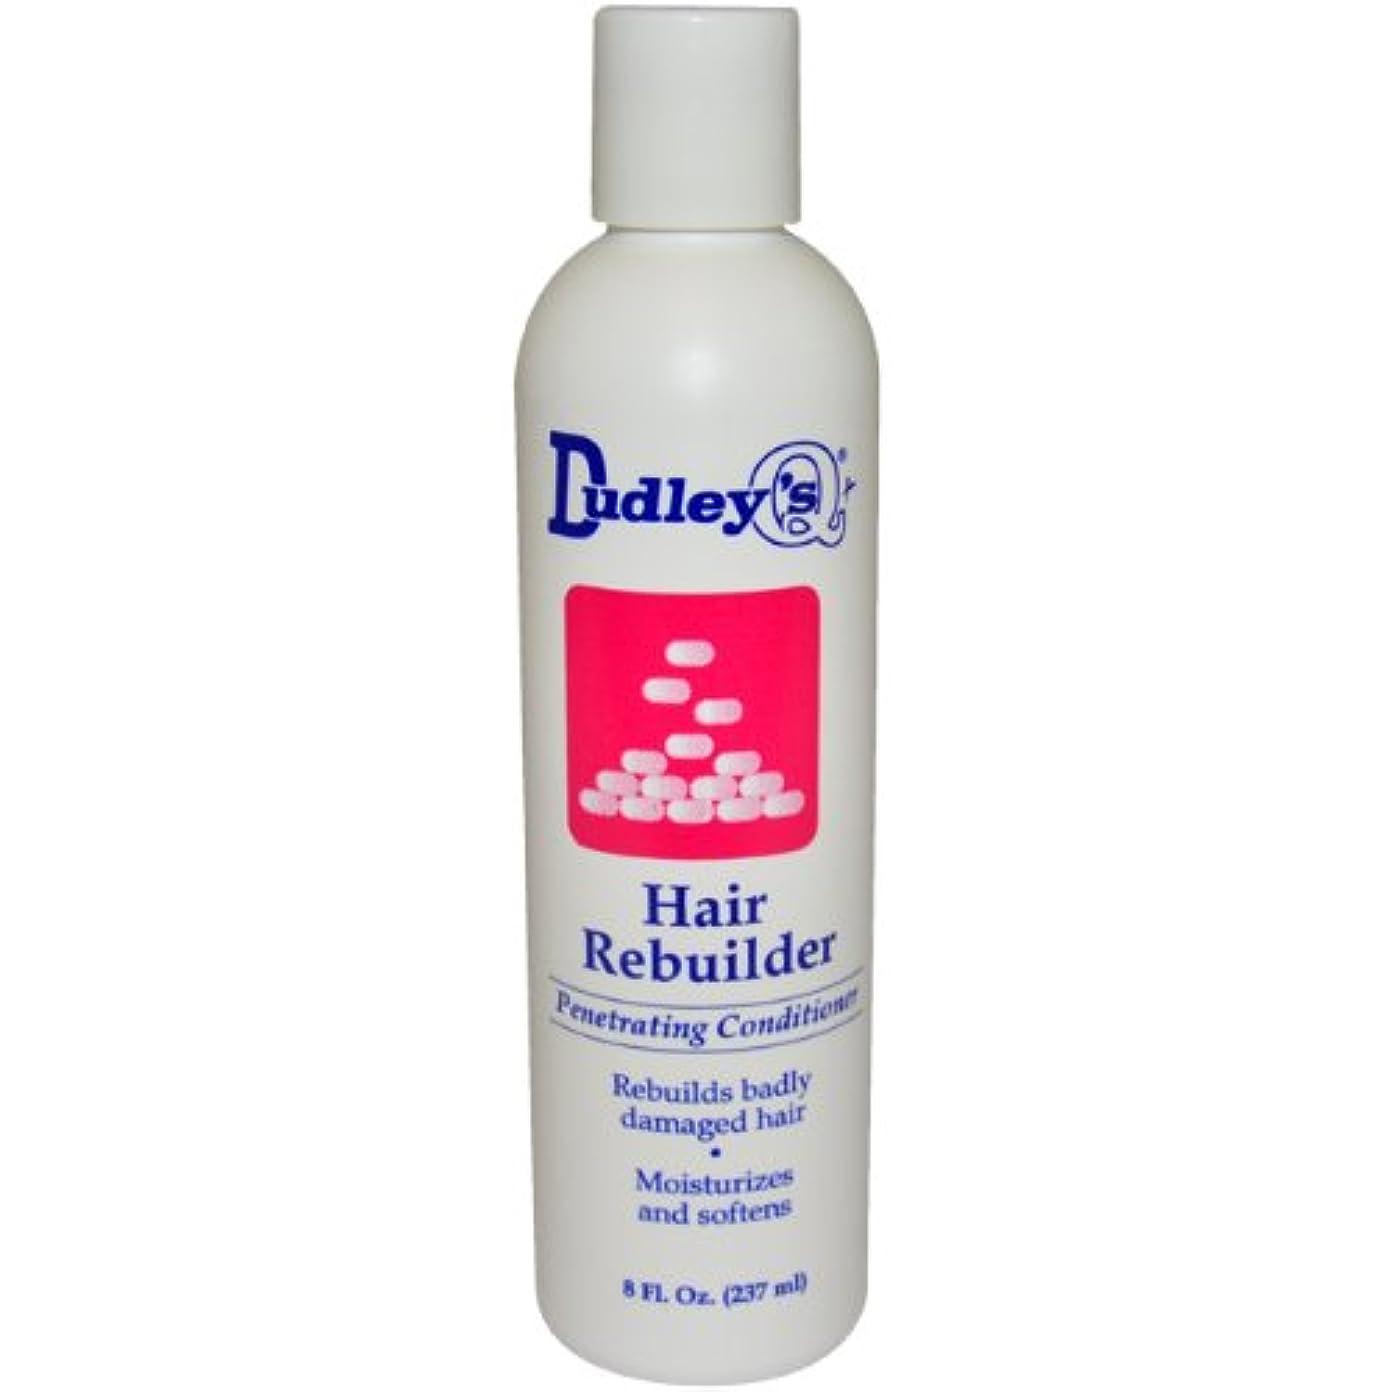 コショウ浸食生態学Dudley's 髪の再建浸透性ユニセックスコンディショナー、8オンス 小さい 白